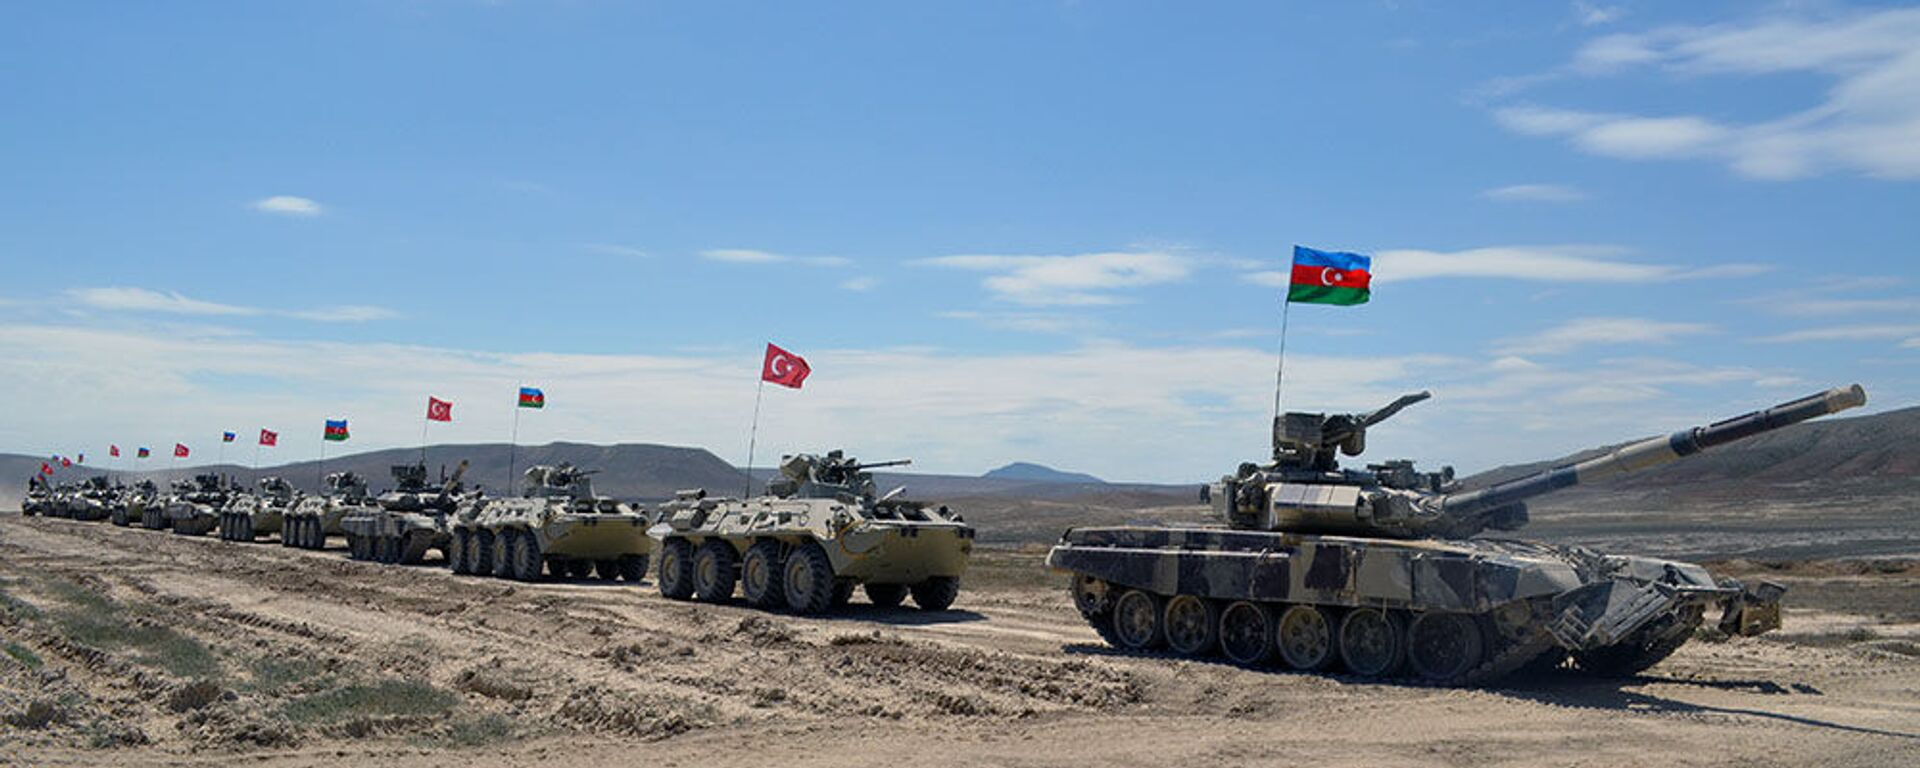 Совместные военные учения азербайджанской и турецкой армии (1 мая 2017). - Sputnik Армения, 1920, 17.01.2021